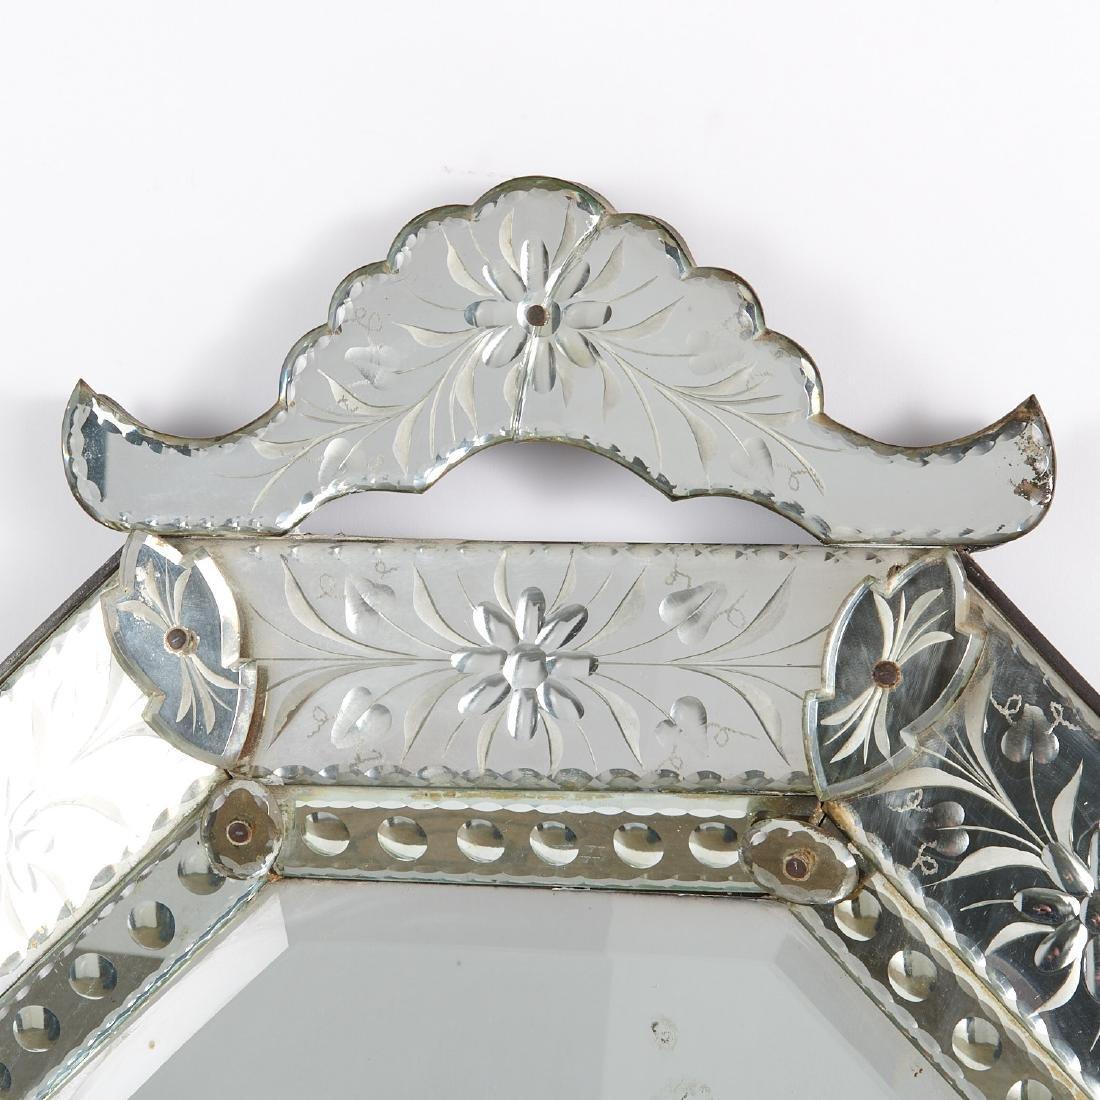 Harlequin pair Venetian style glass mirrors - 2